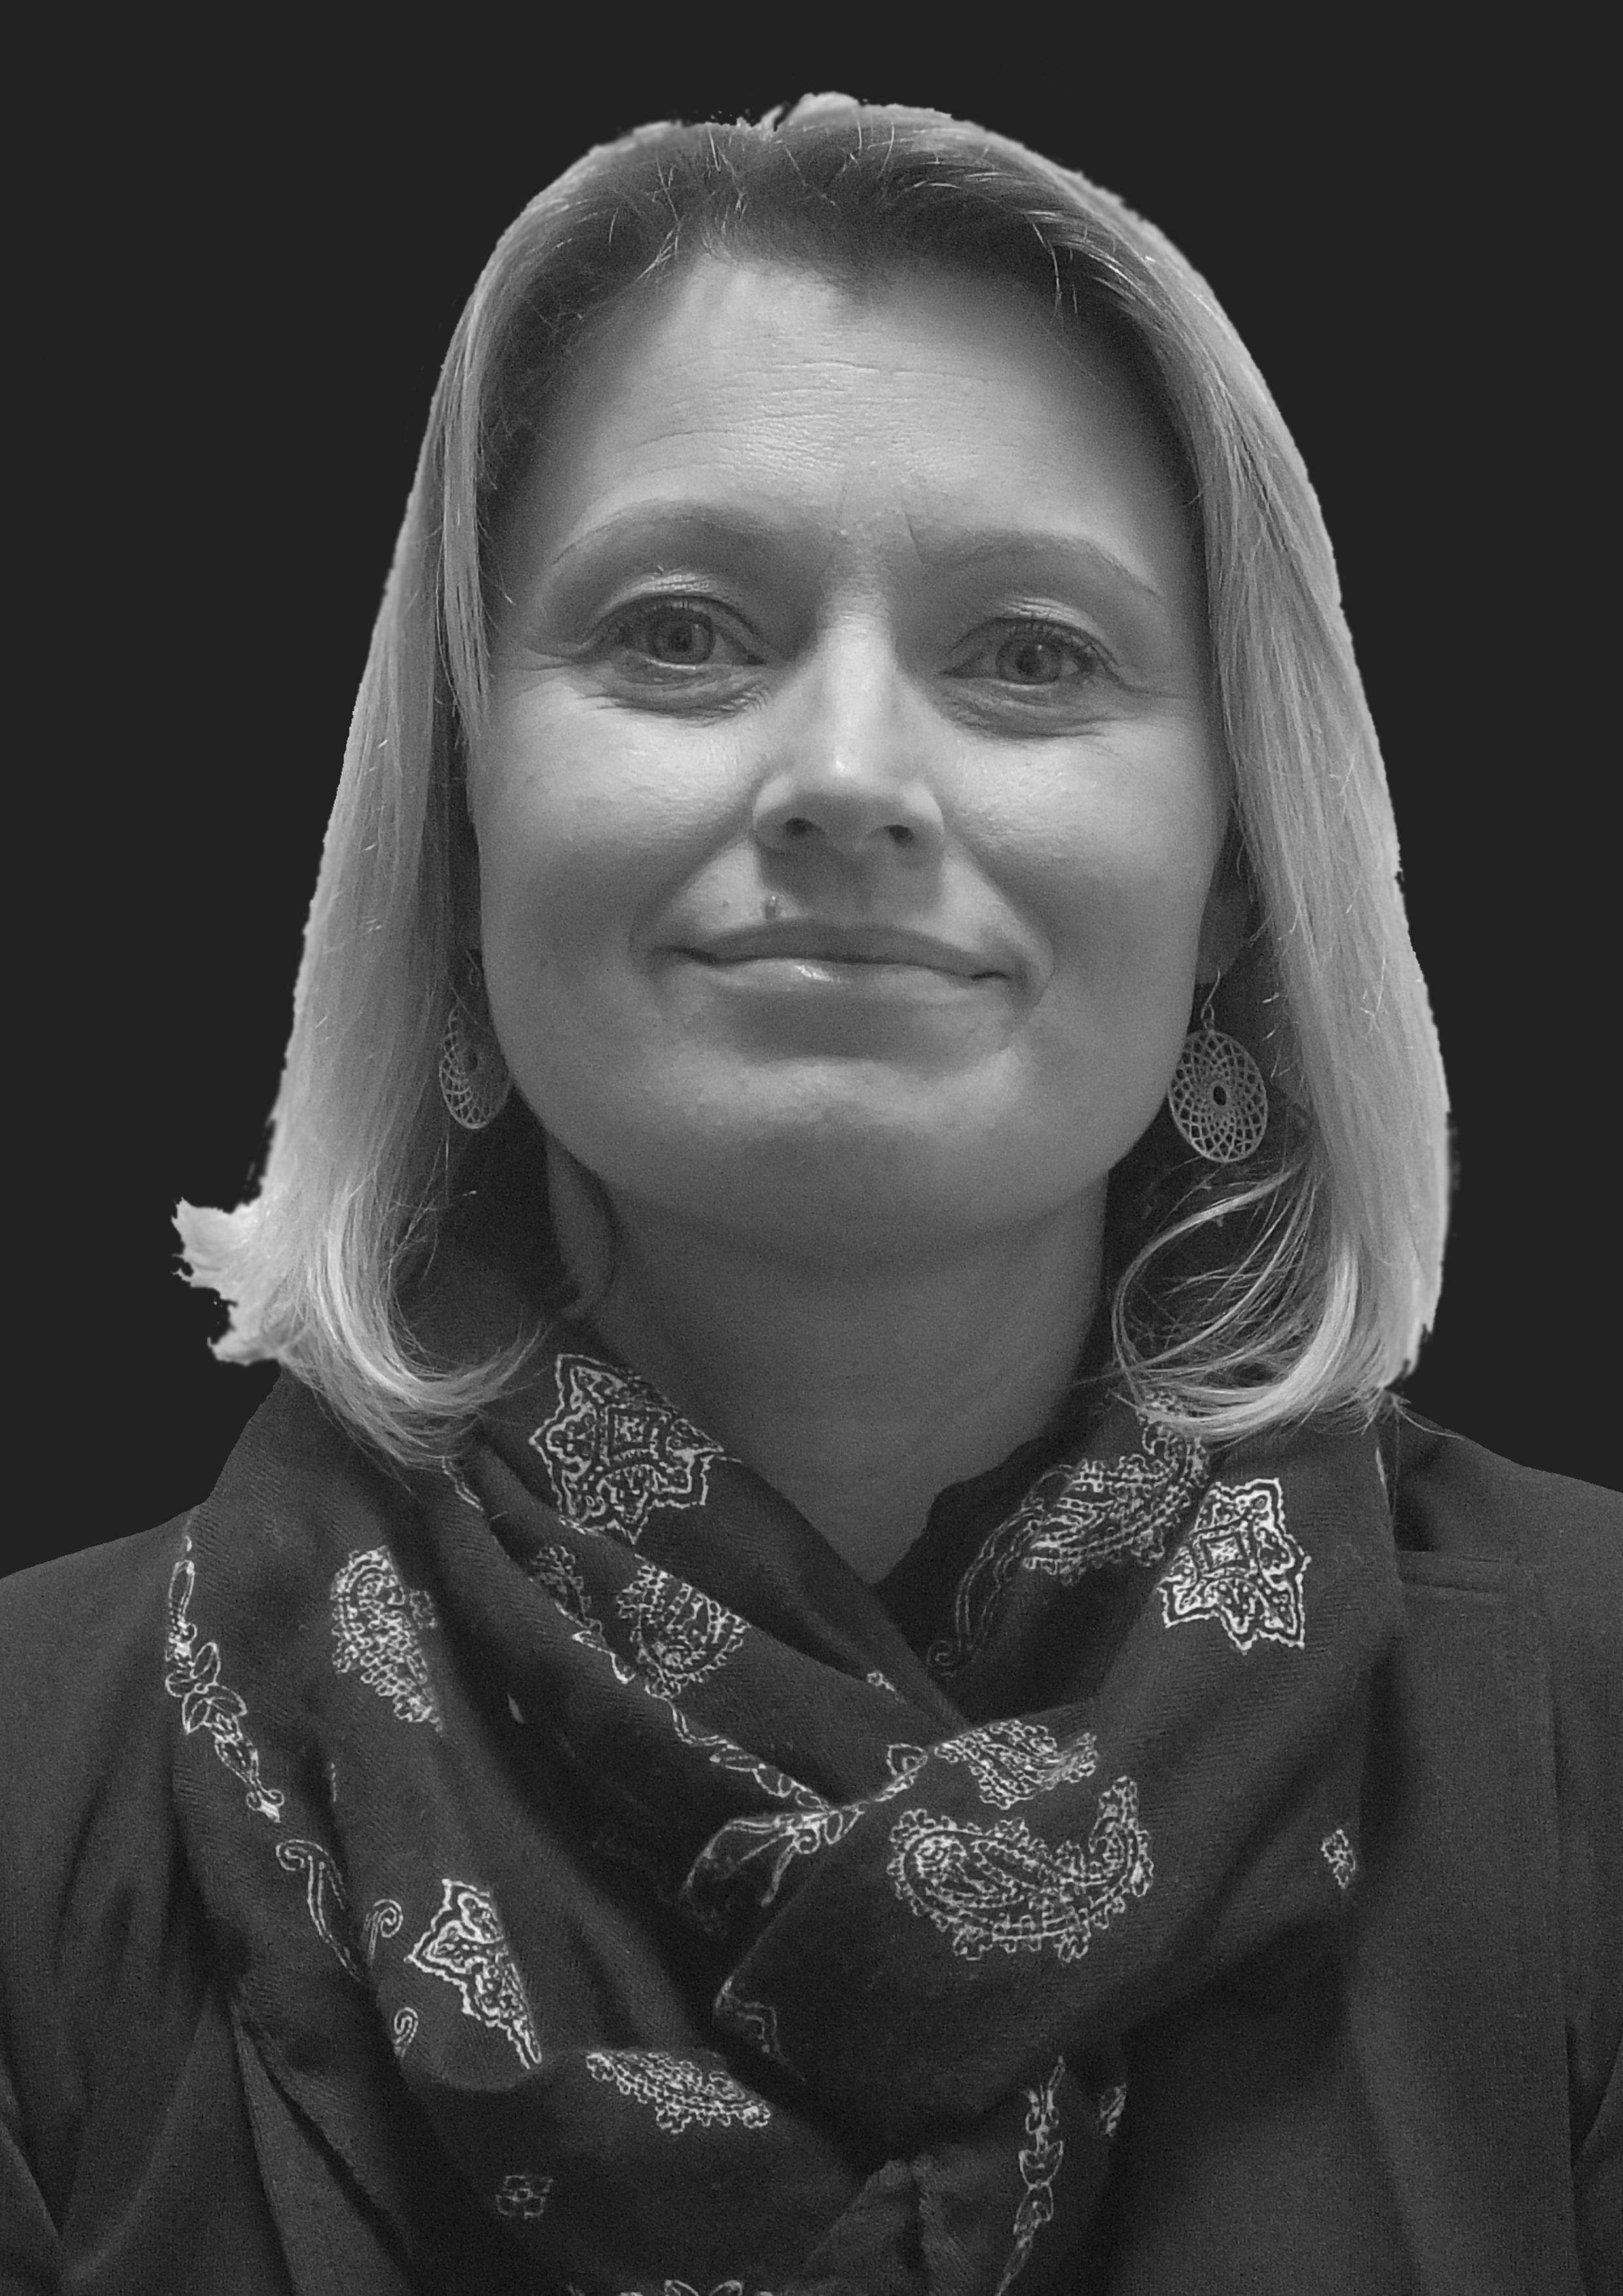 Anastasia Loesch